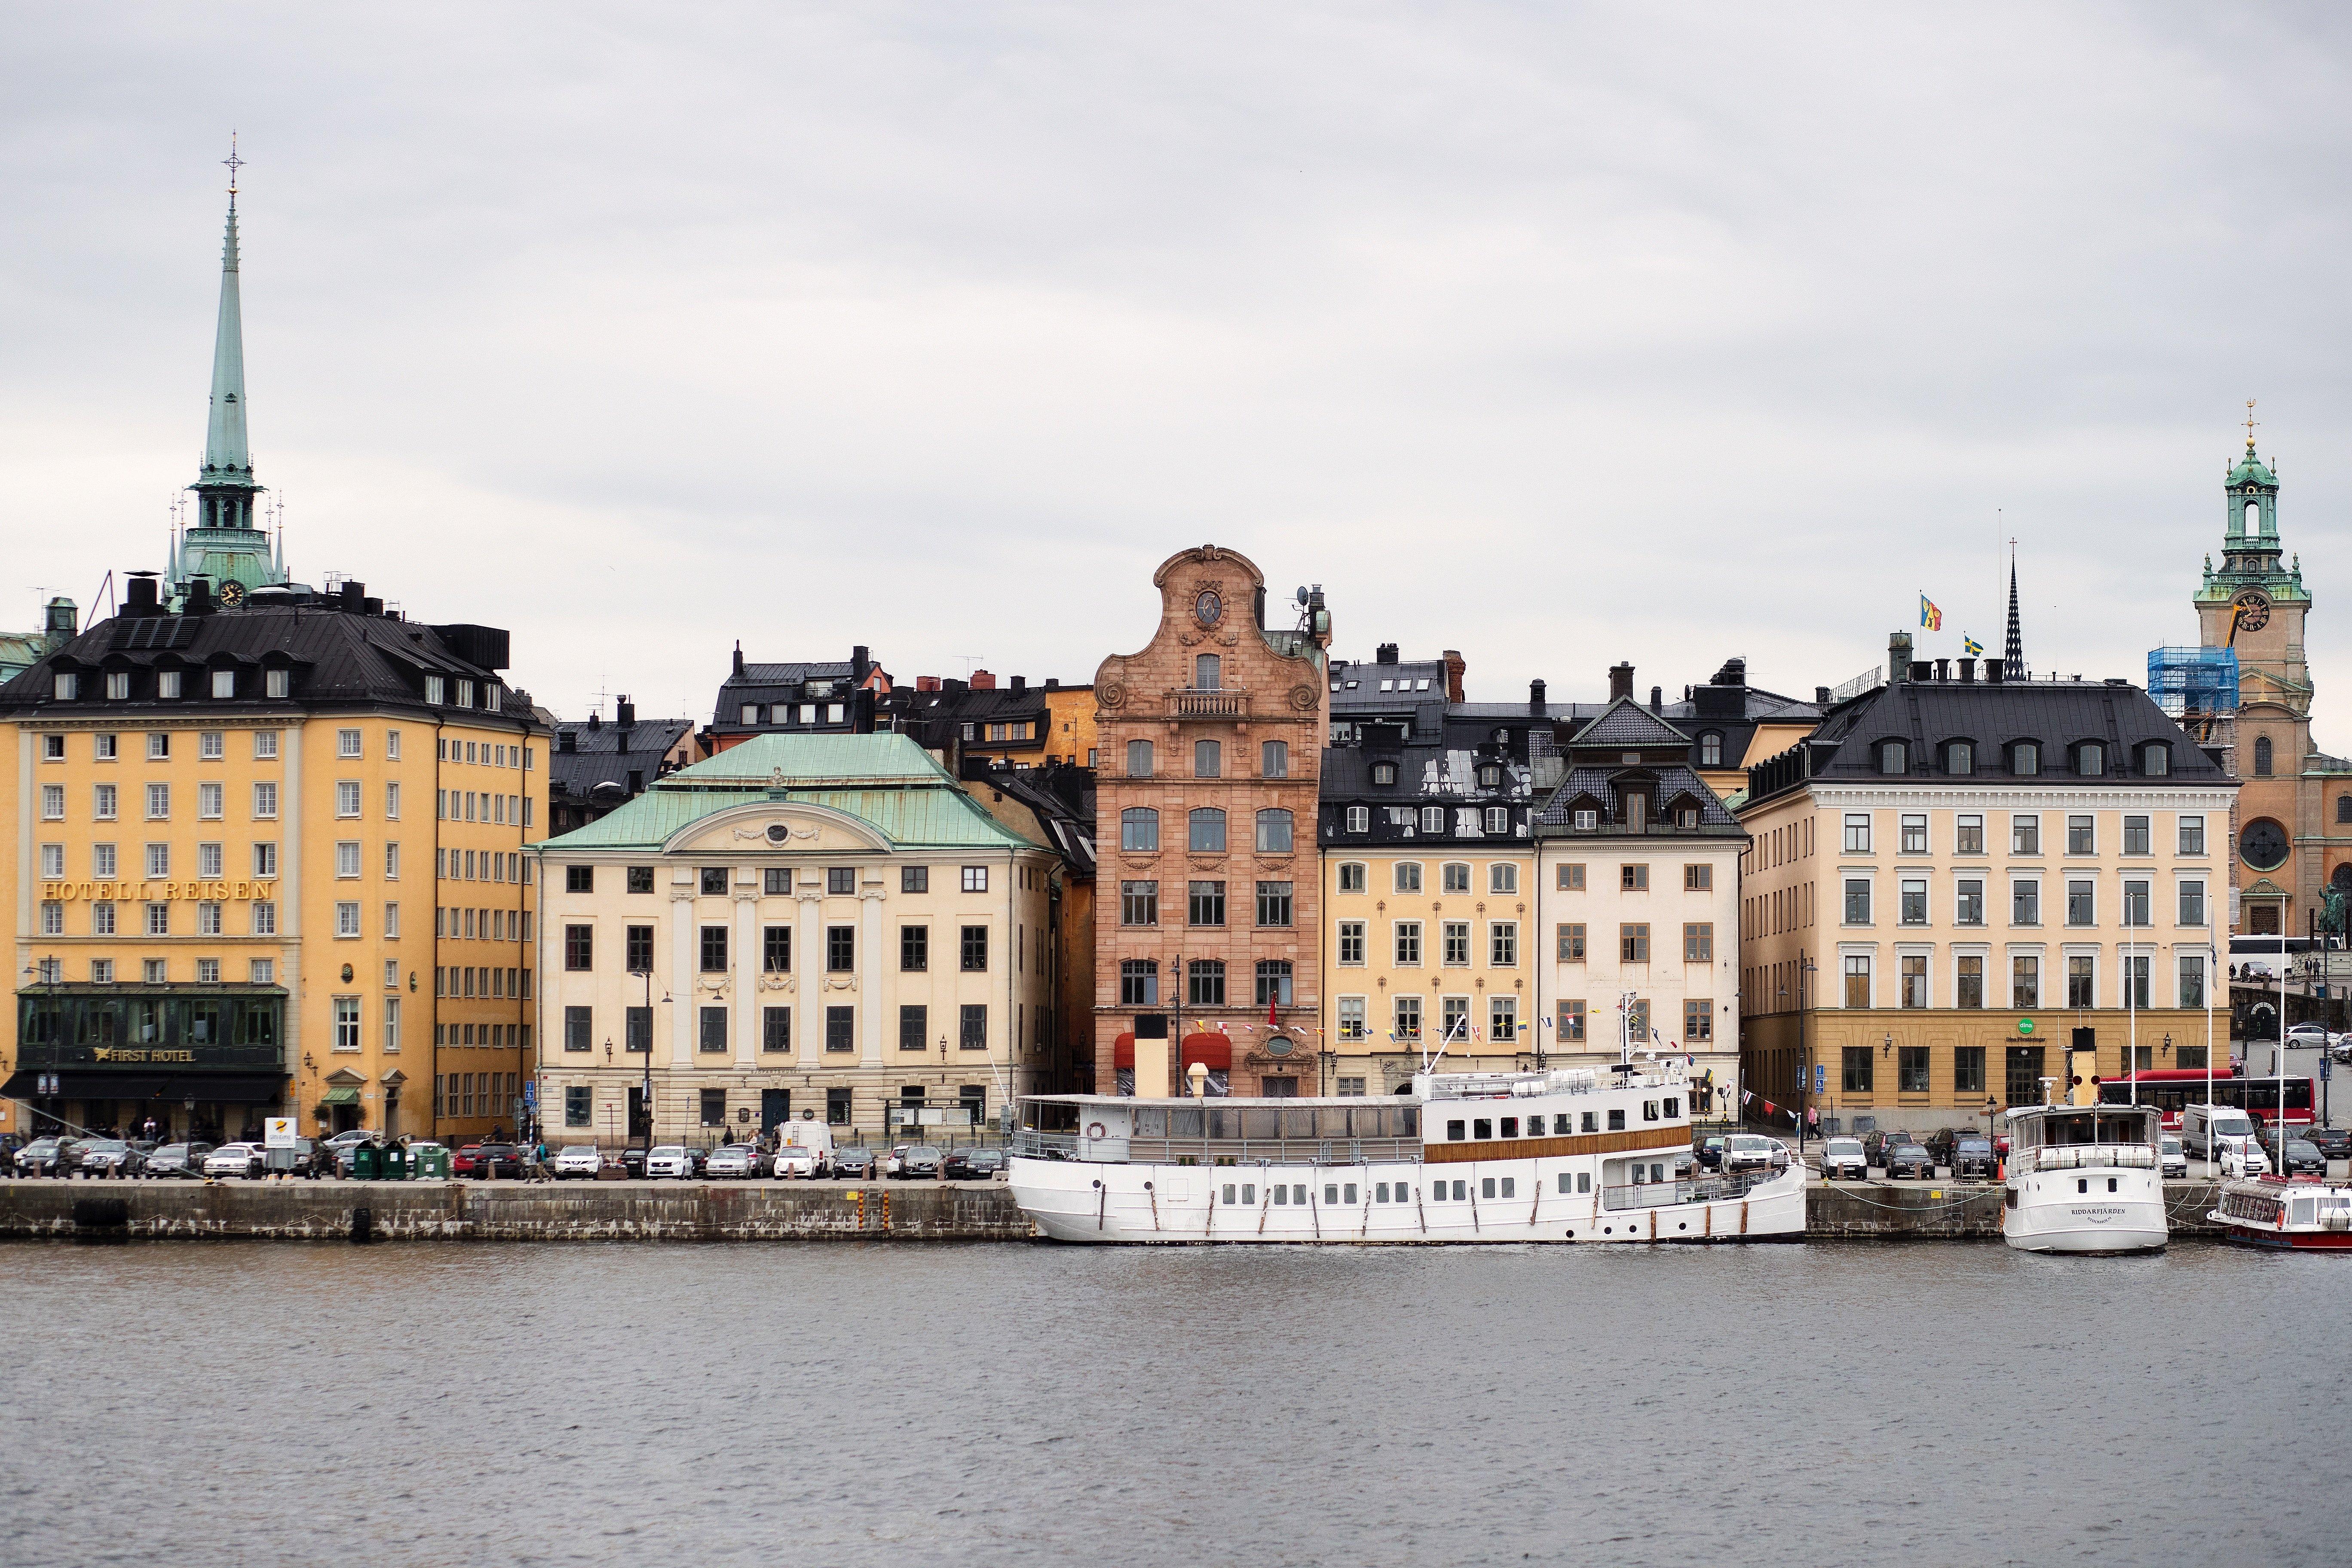 old buildings in the Gamla Stan neighborhood in Stockholm